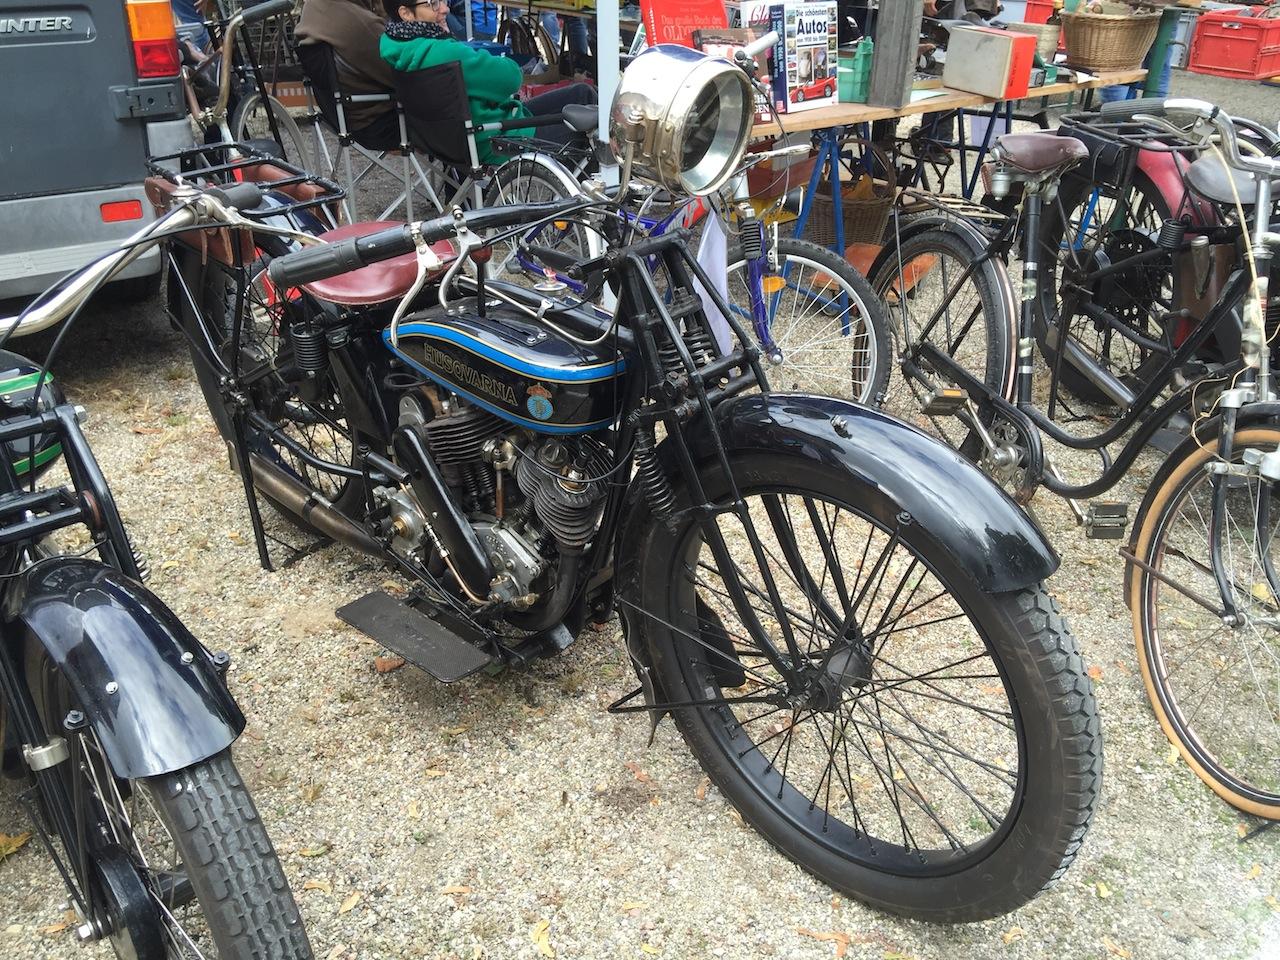 husqvarna-180-550cc-14ps-1927-kopie